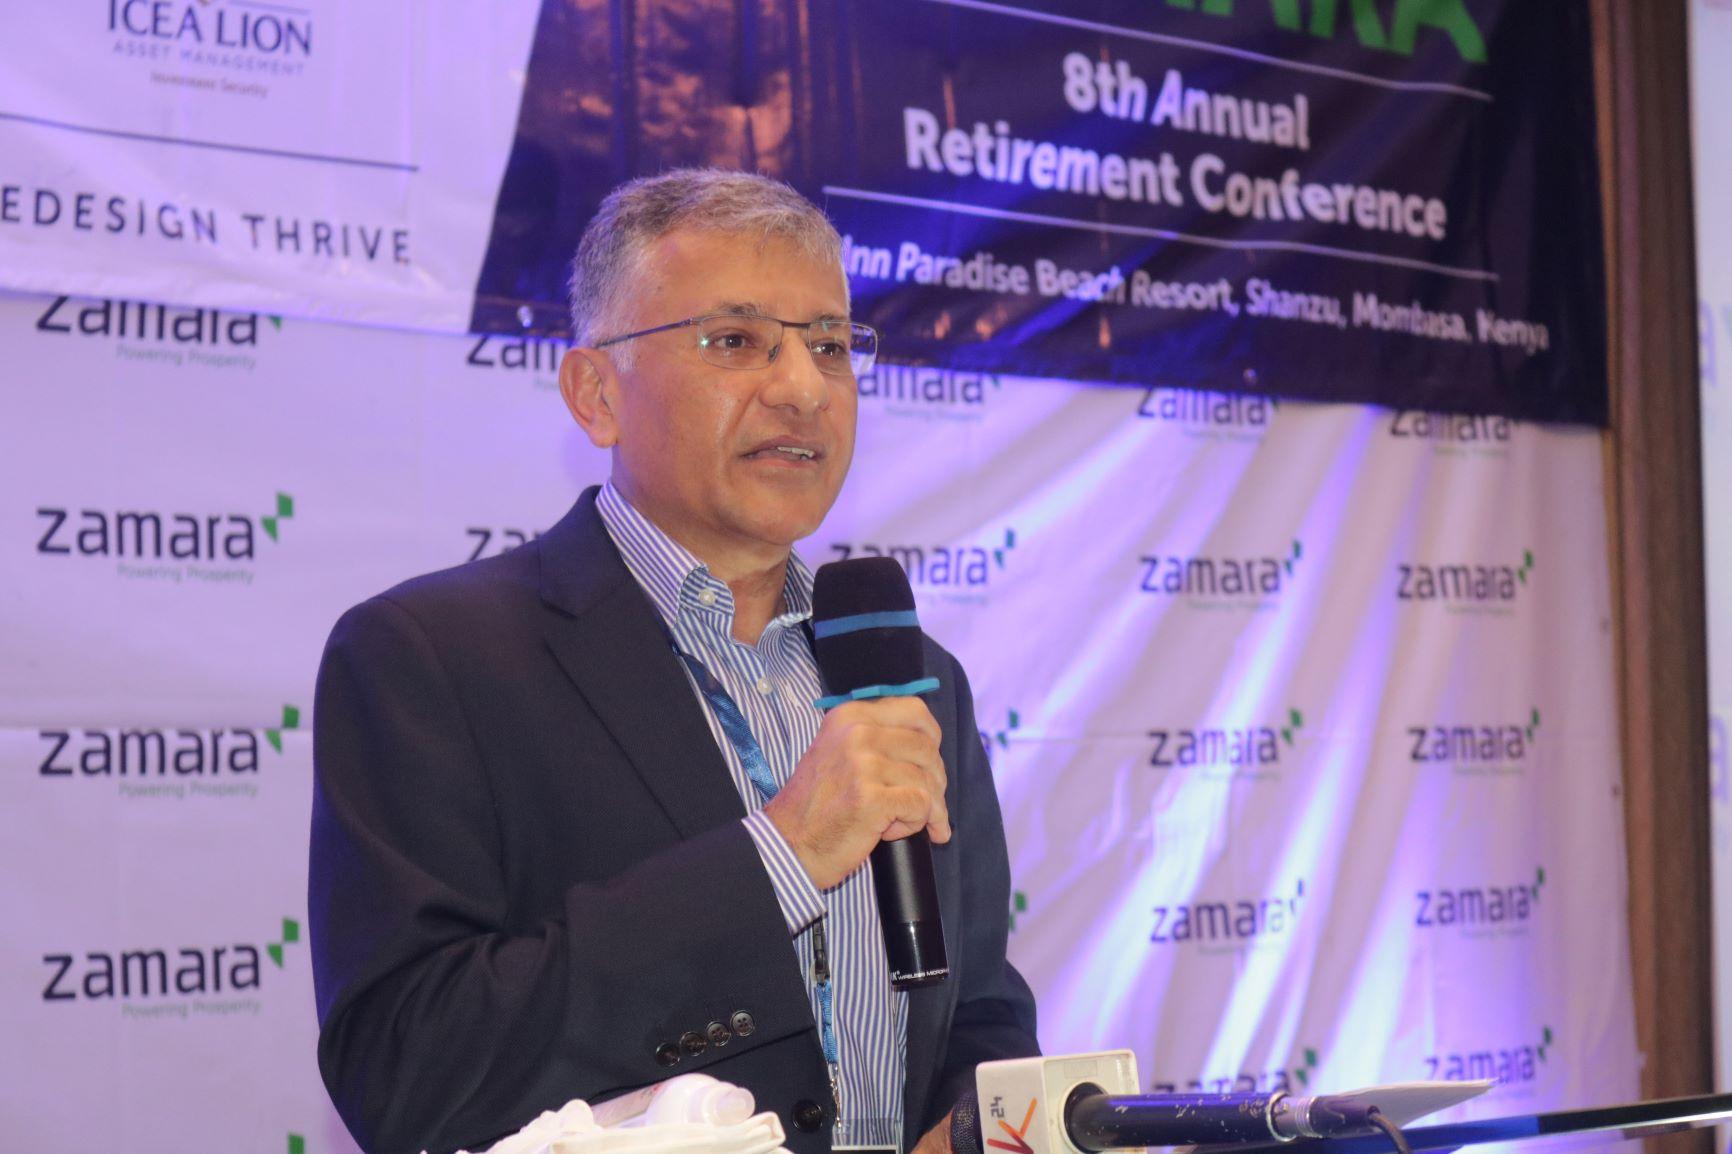 Zamara-Group-CEO-Sundeep-Raichura